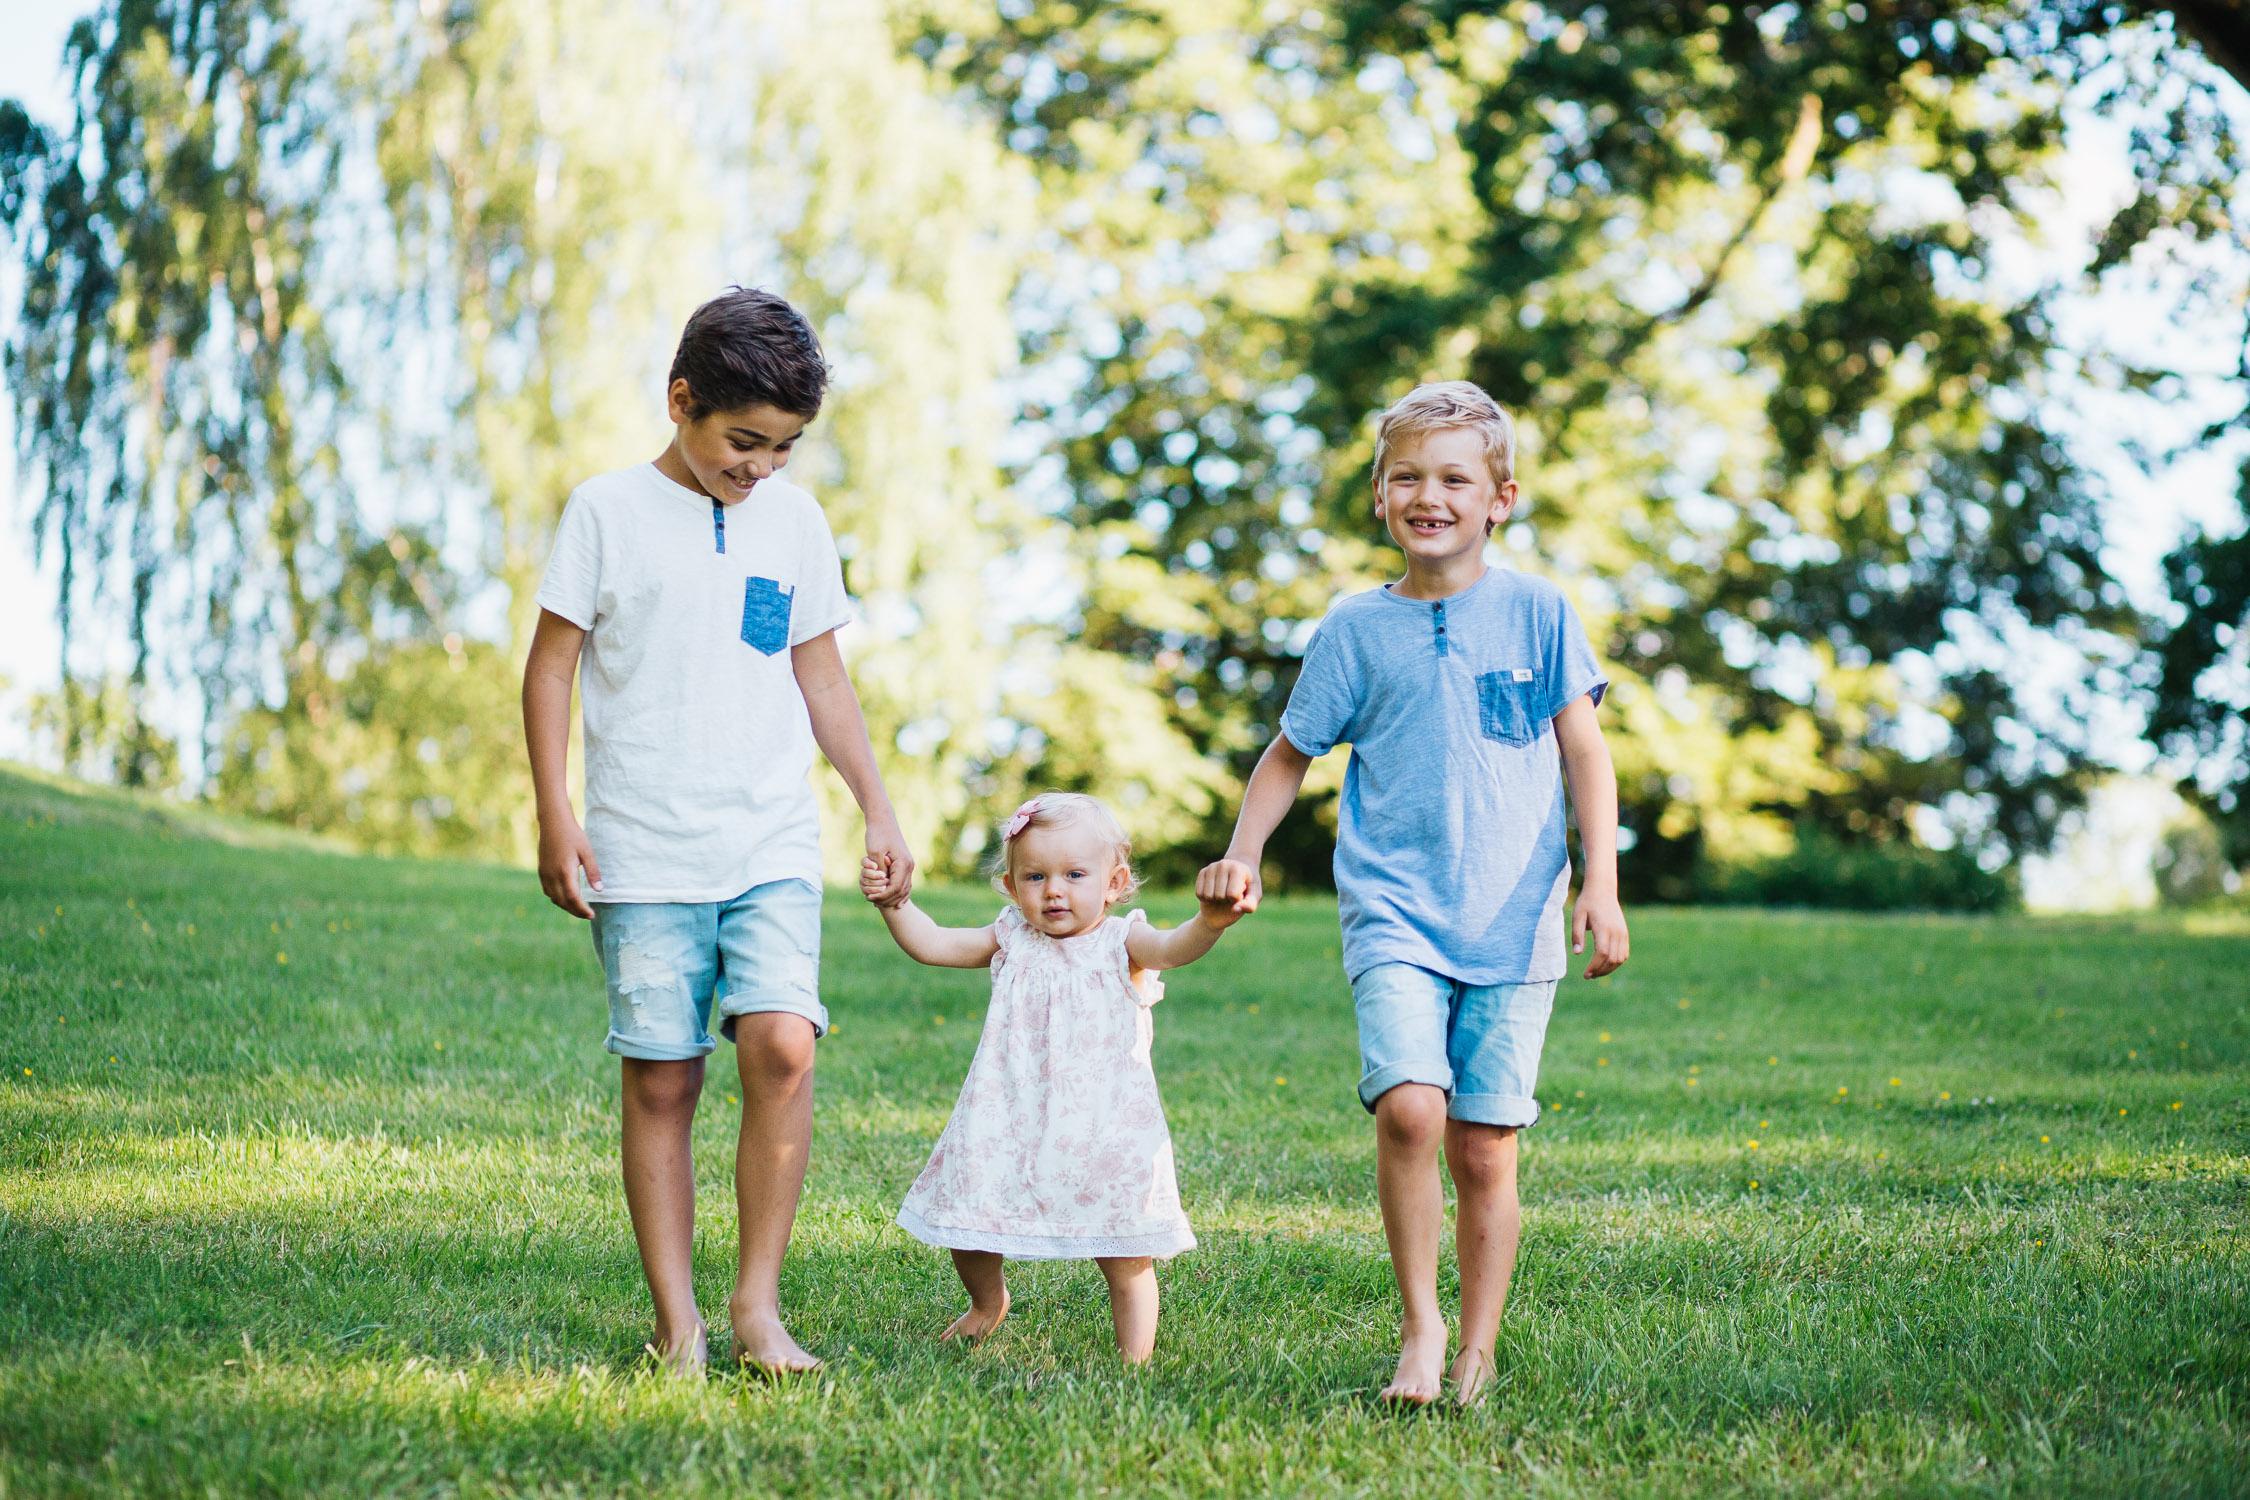 Barn Fotograf Syskon Familj Vetlanda Eksjö Nässjö Jönköping Göteborg Växjö Helsingborg Stockholm Småland